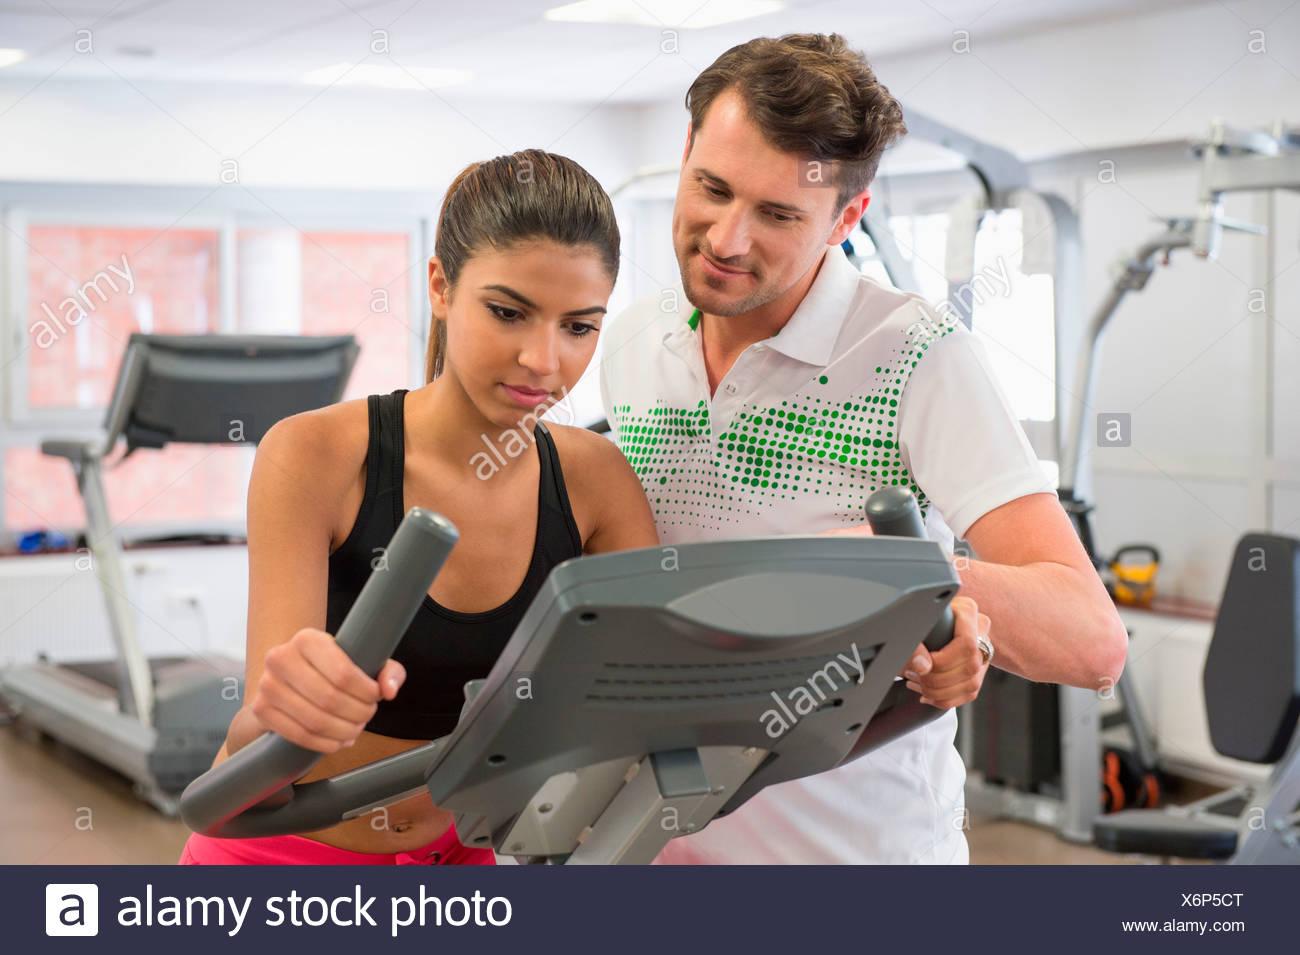 Lehrer unterrichten eine Frau in der Spinnerei Klasse am gym Stockbild